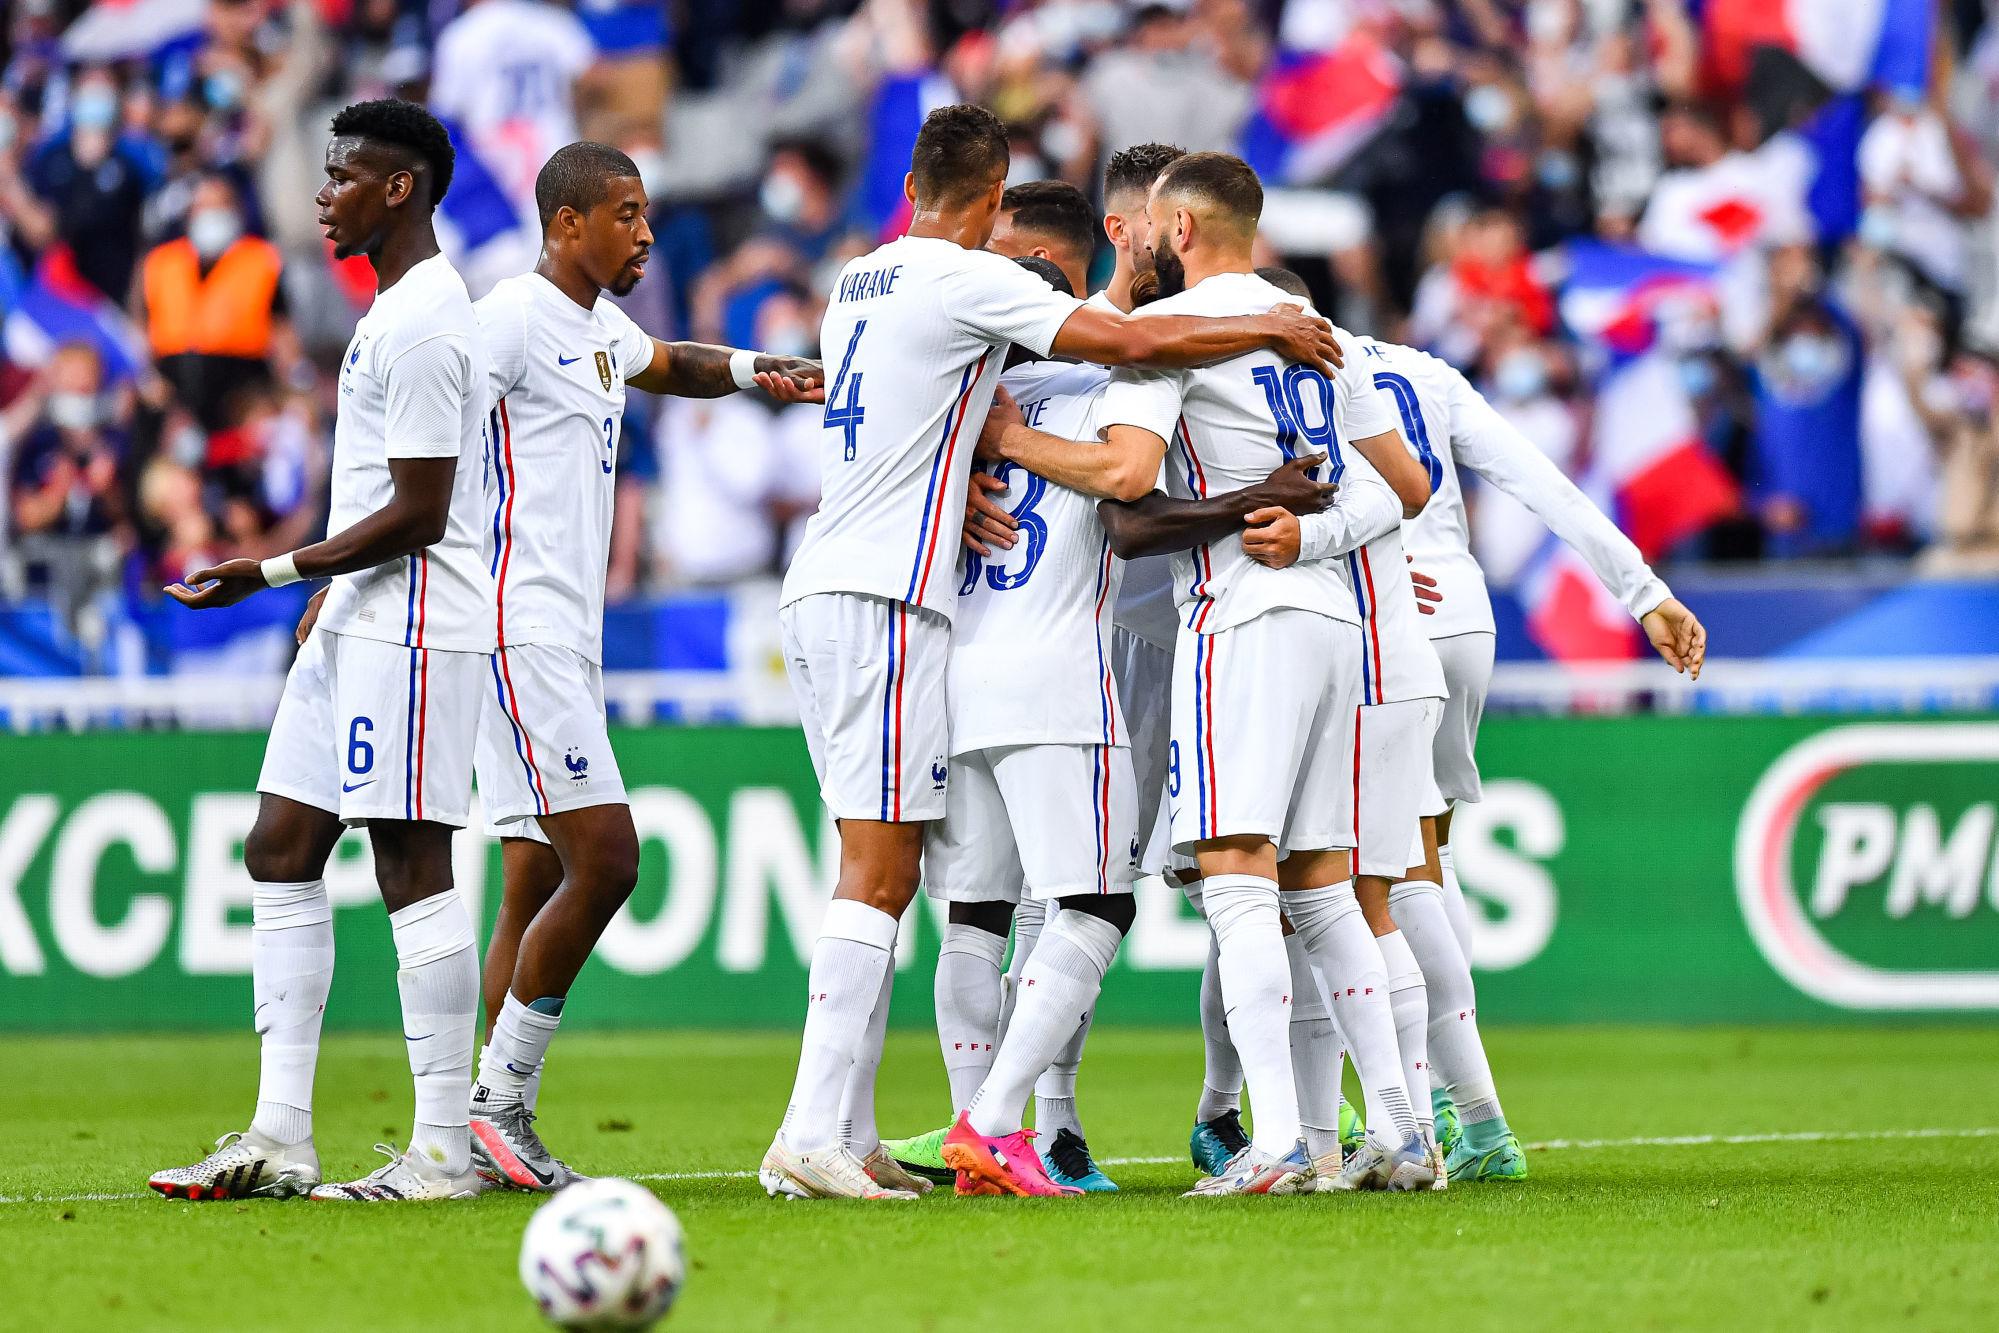 Résumé France/Bulgarie (3-0): La vidéo avec les buts